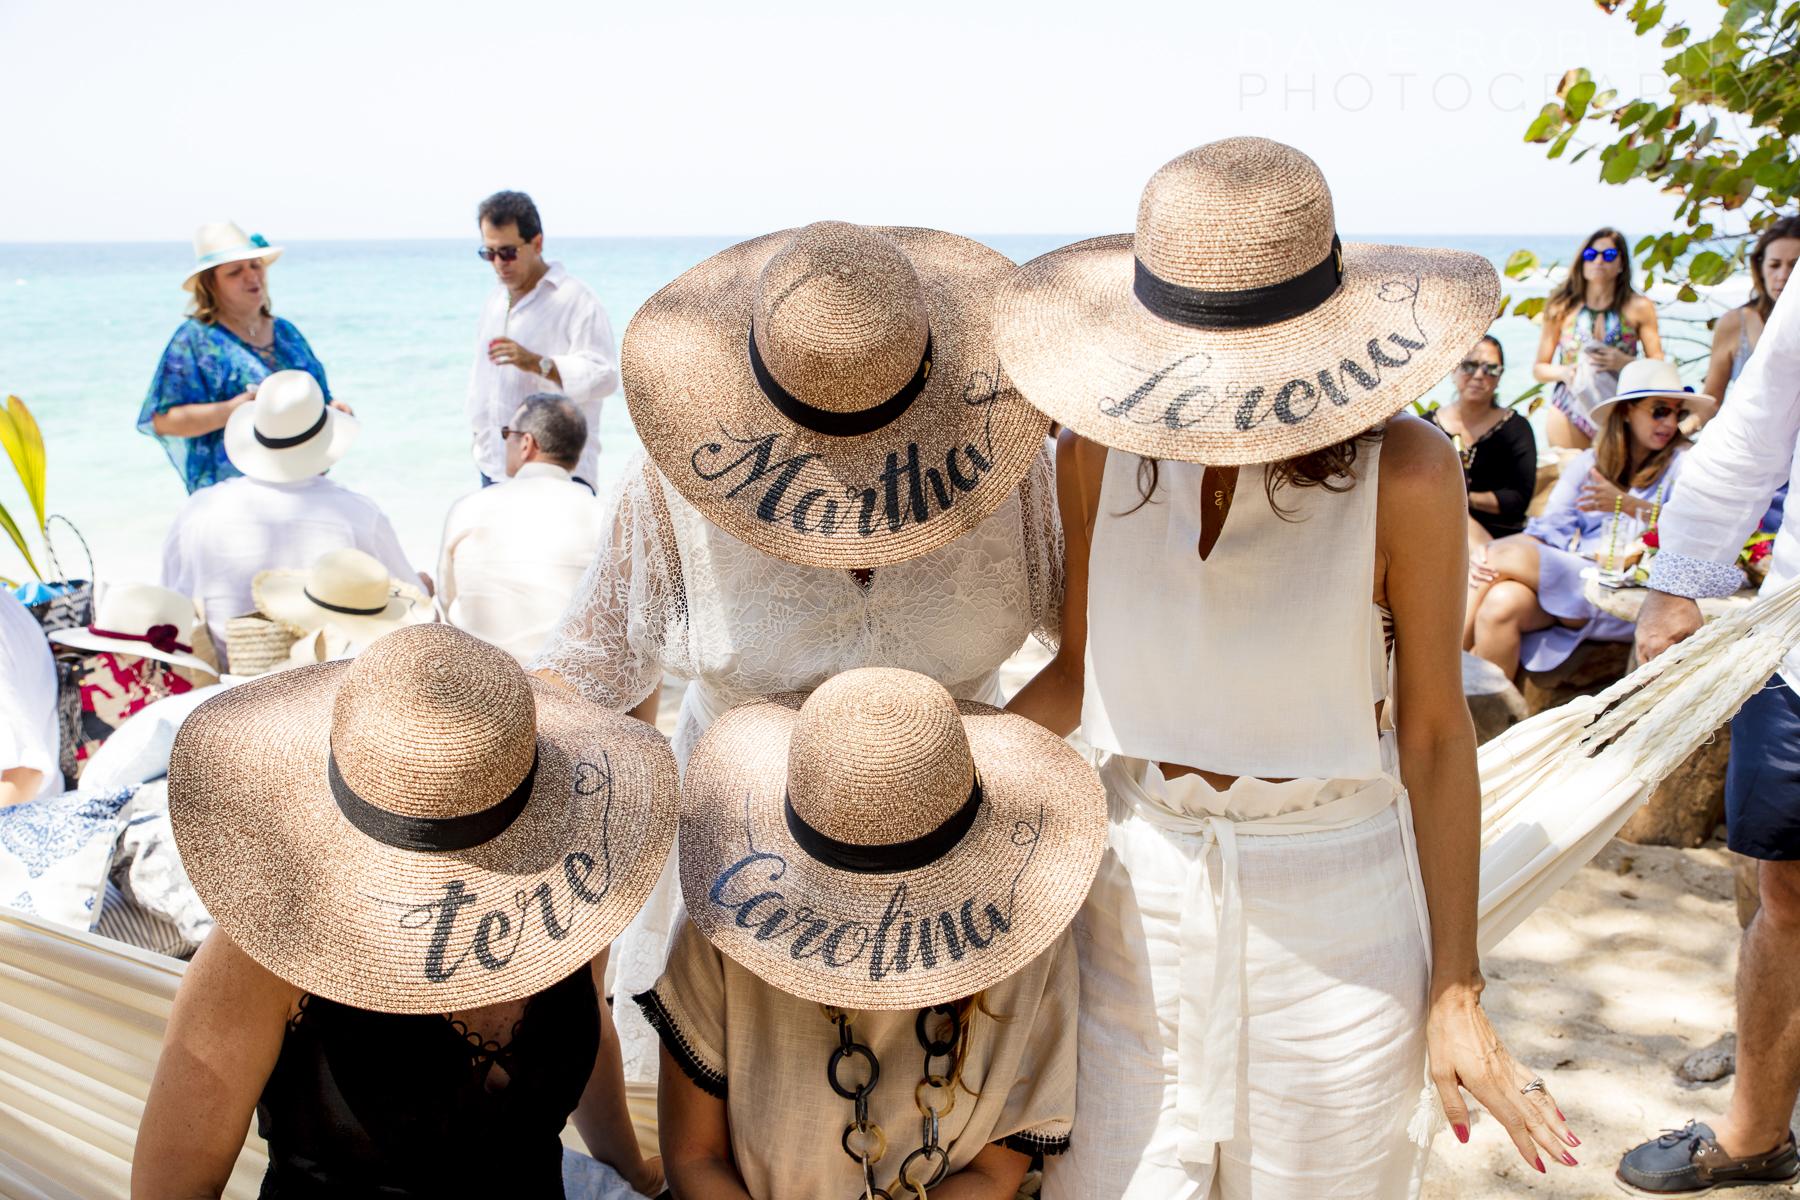 BARU BEACH WEDDING - 0029.JPG